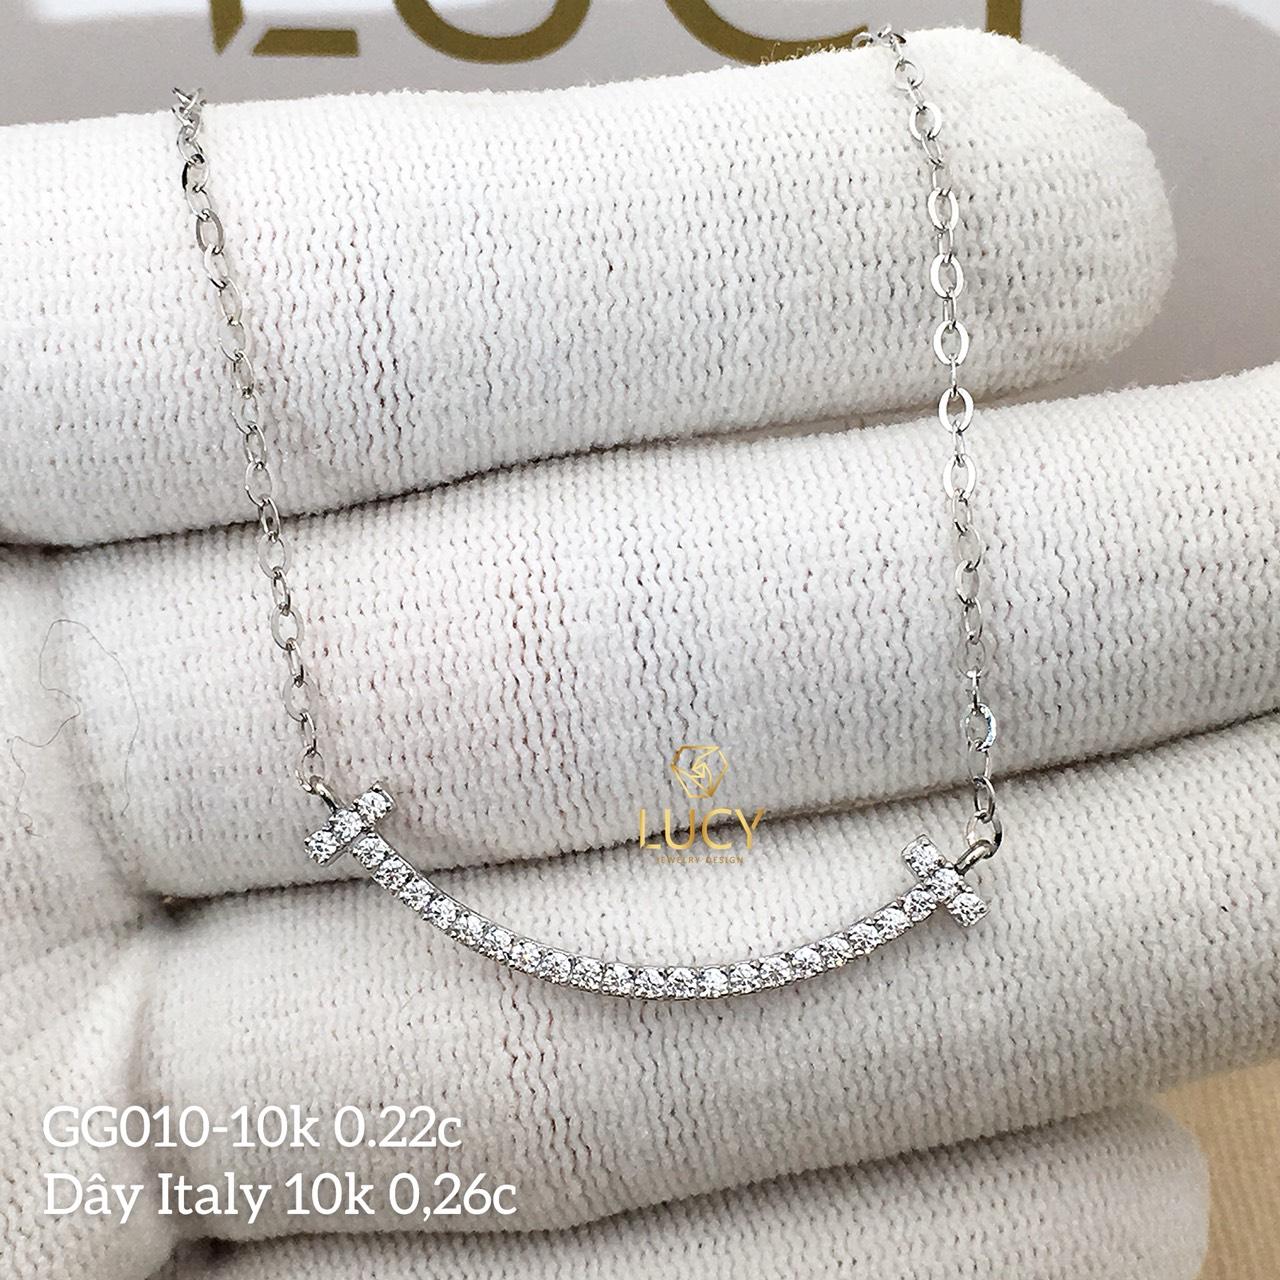 GG010 Mặt dây chuyền miệng cười hàng thiết kế vàng 10k 14k 18k - Lucy Jewely